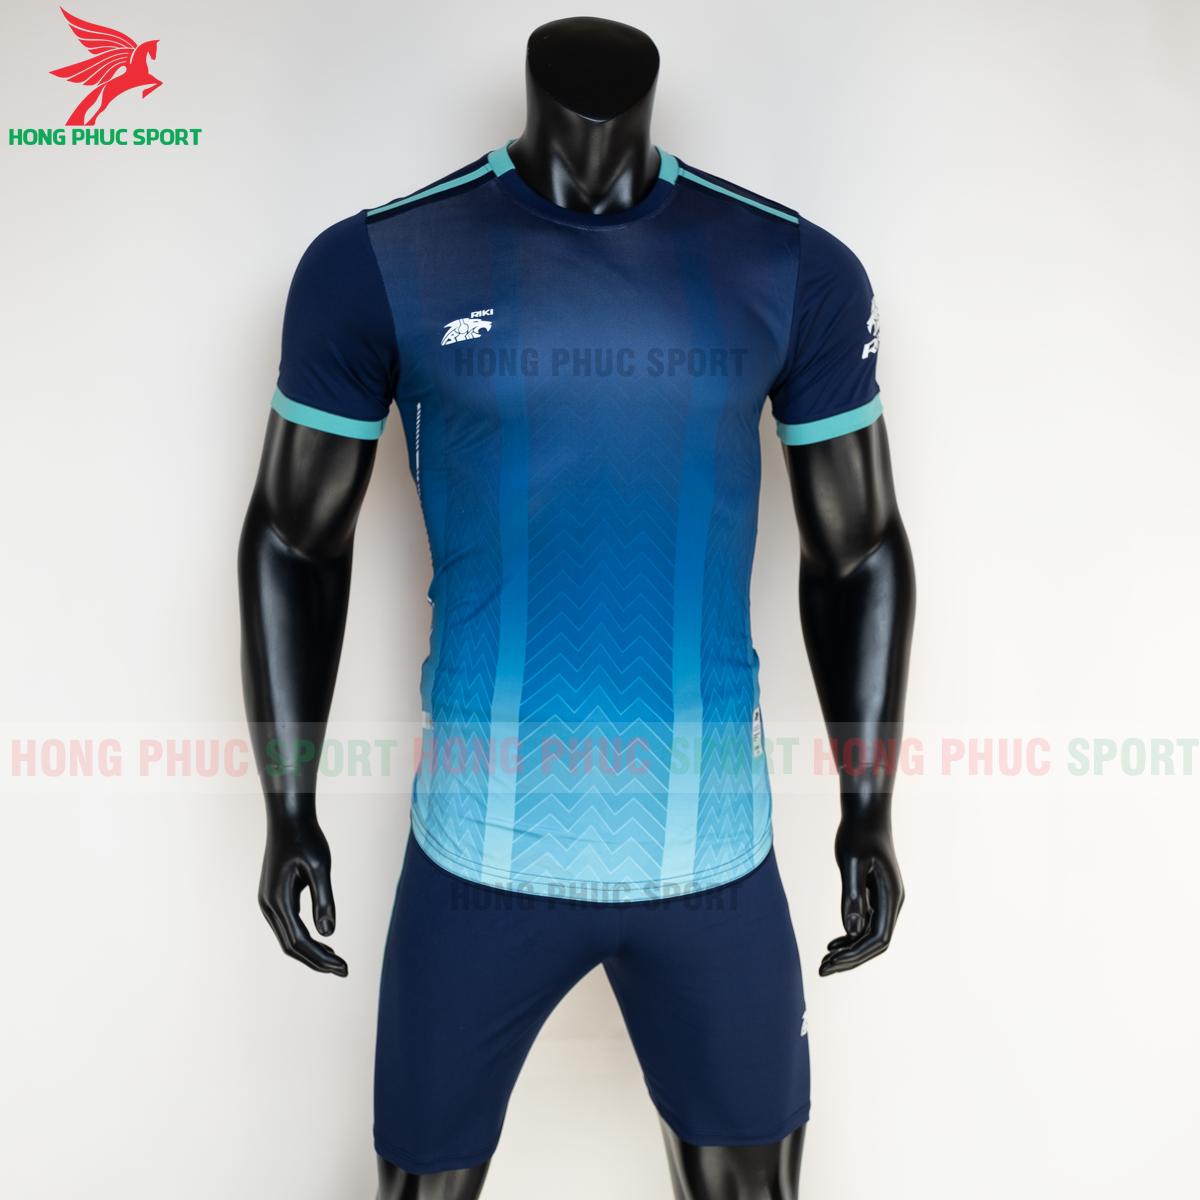 https://cdn.hongphucsport.com/unsafe/s4.shopbay.vn/files/285/ao-bong-da-khong-logo-riki-furior-mau-xanh-duong-2-6050191c17afa.png